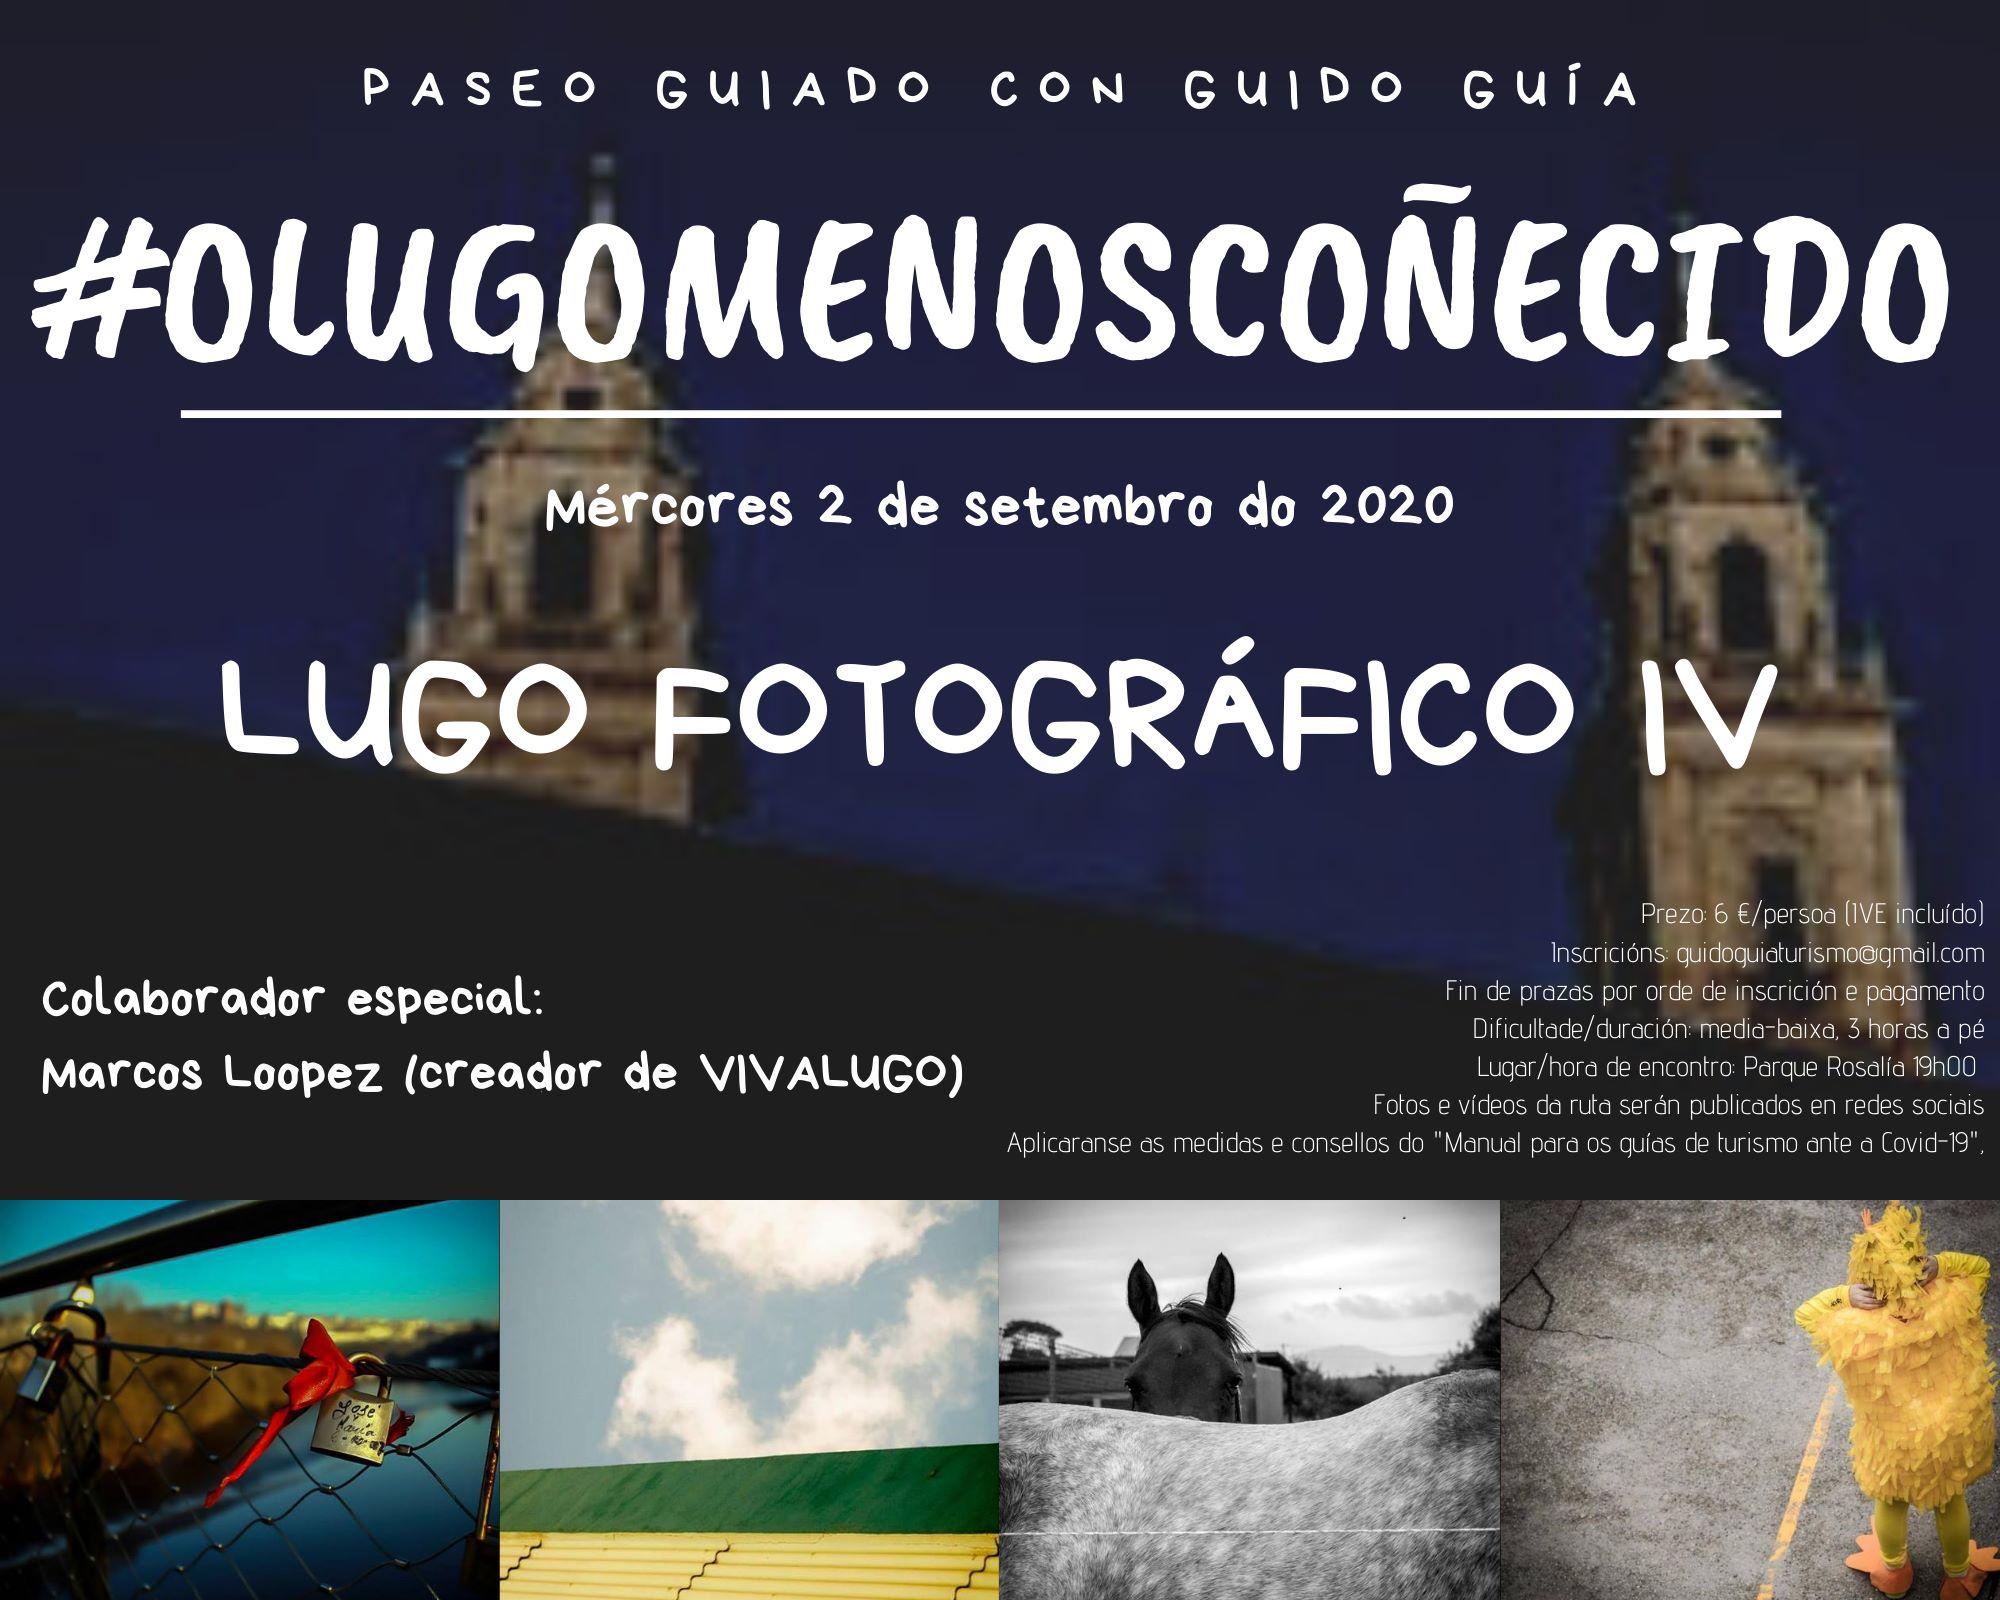 Paseo guiado polo Lugo menos coñecido #LugoFotográfico IV